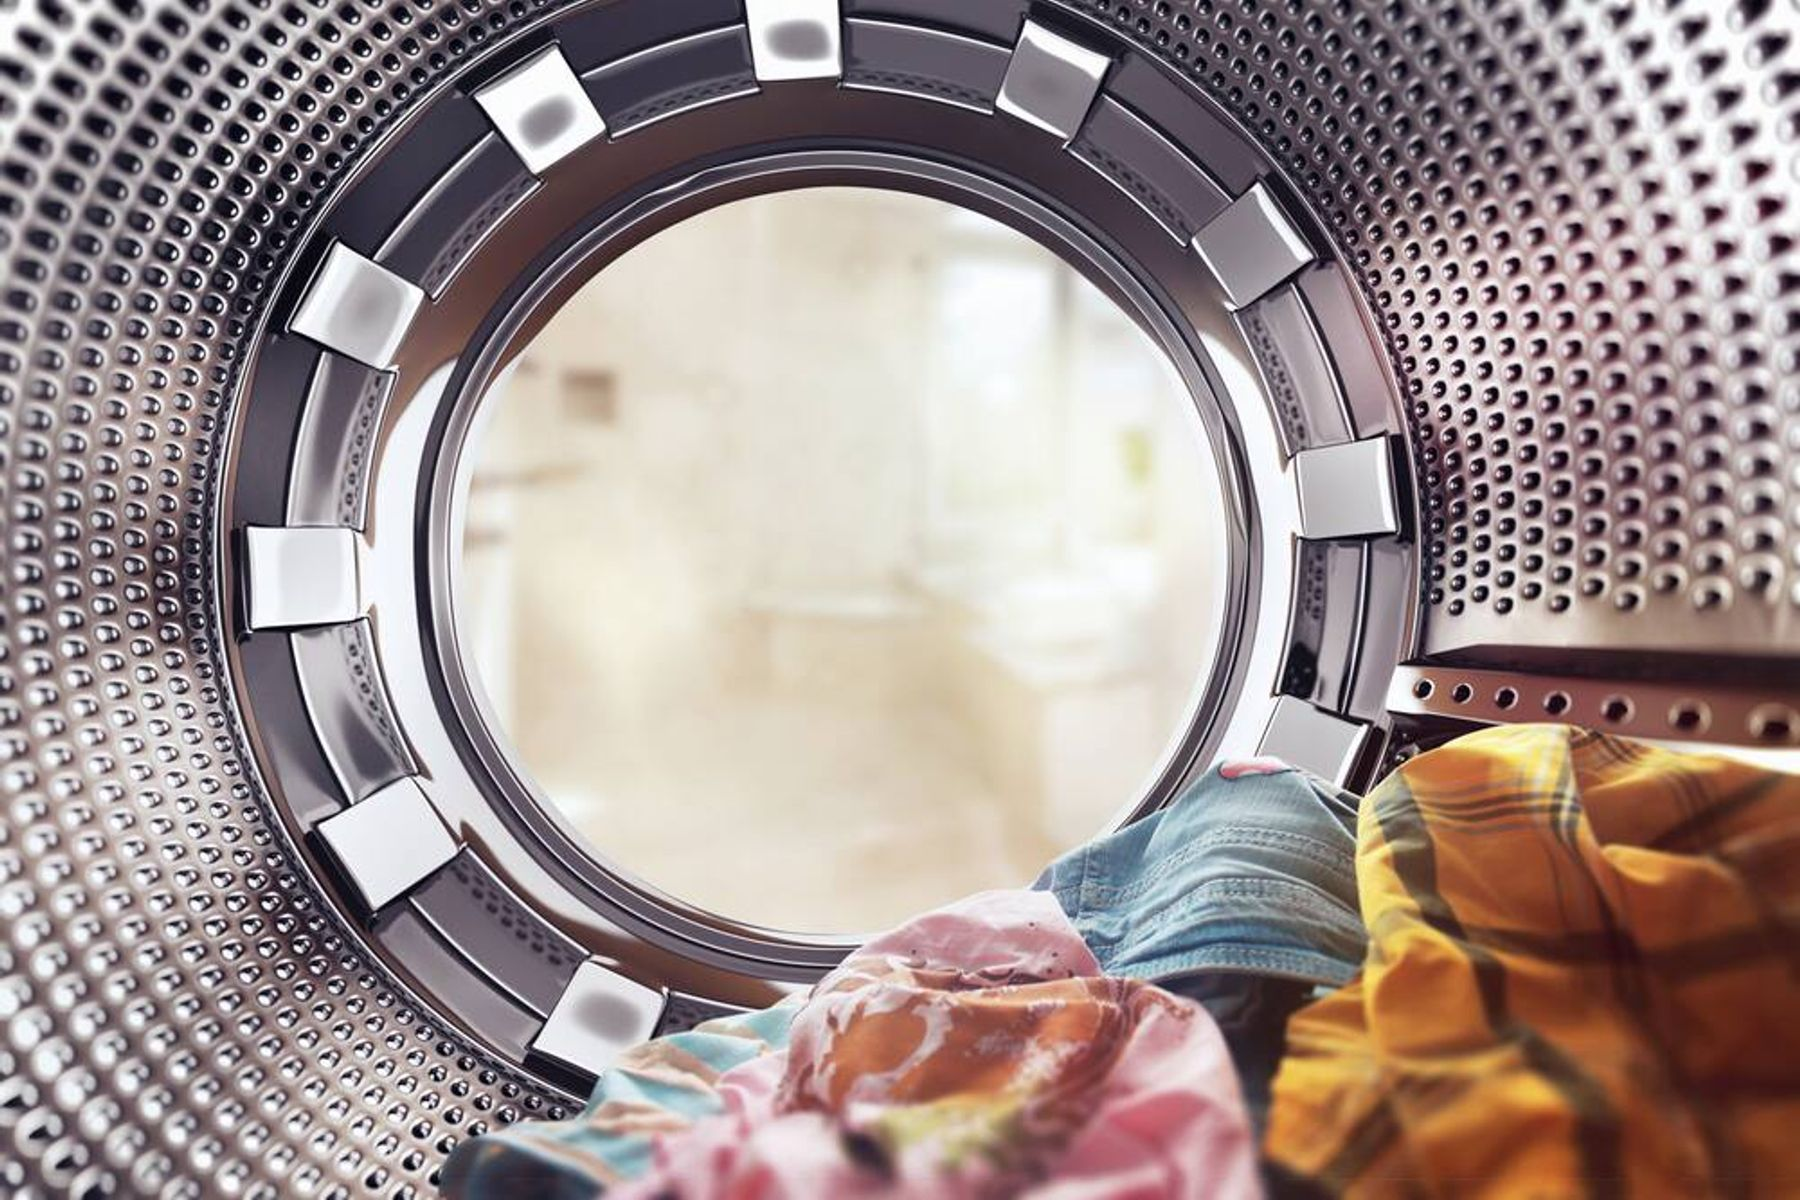 Có nên dùng bột tẩy lồng giặt? Cách sử dụng đúng như thế nào?